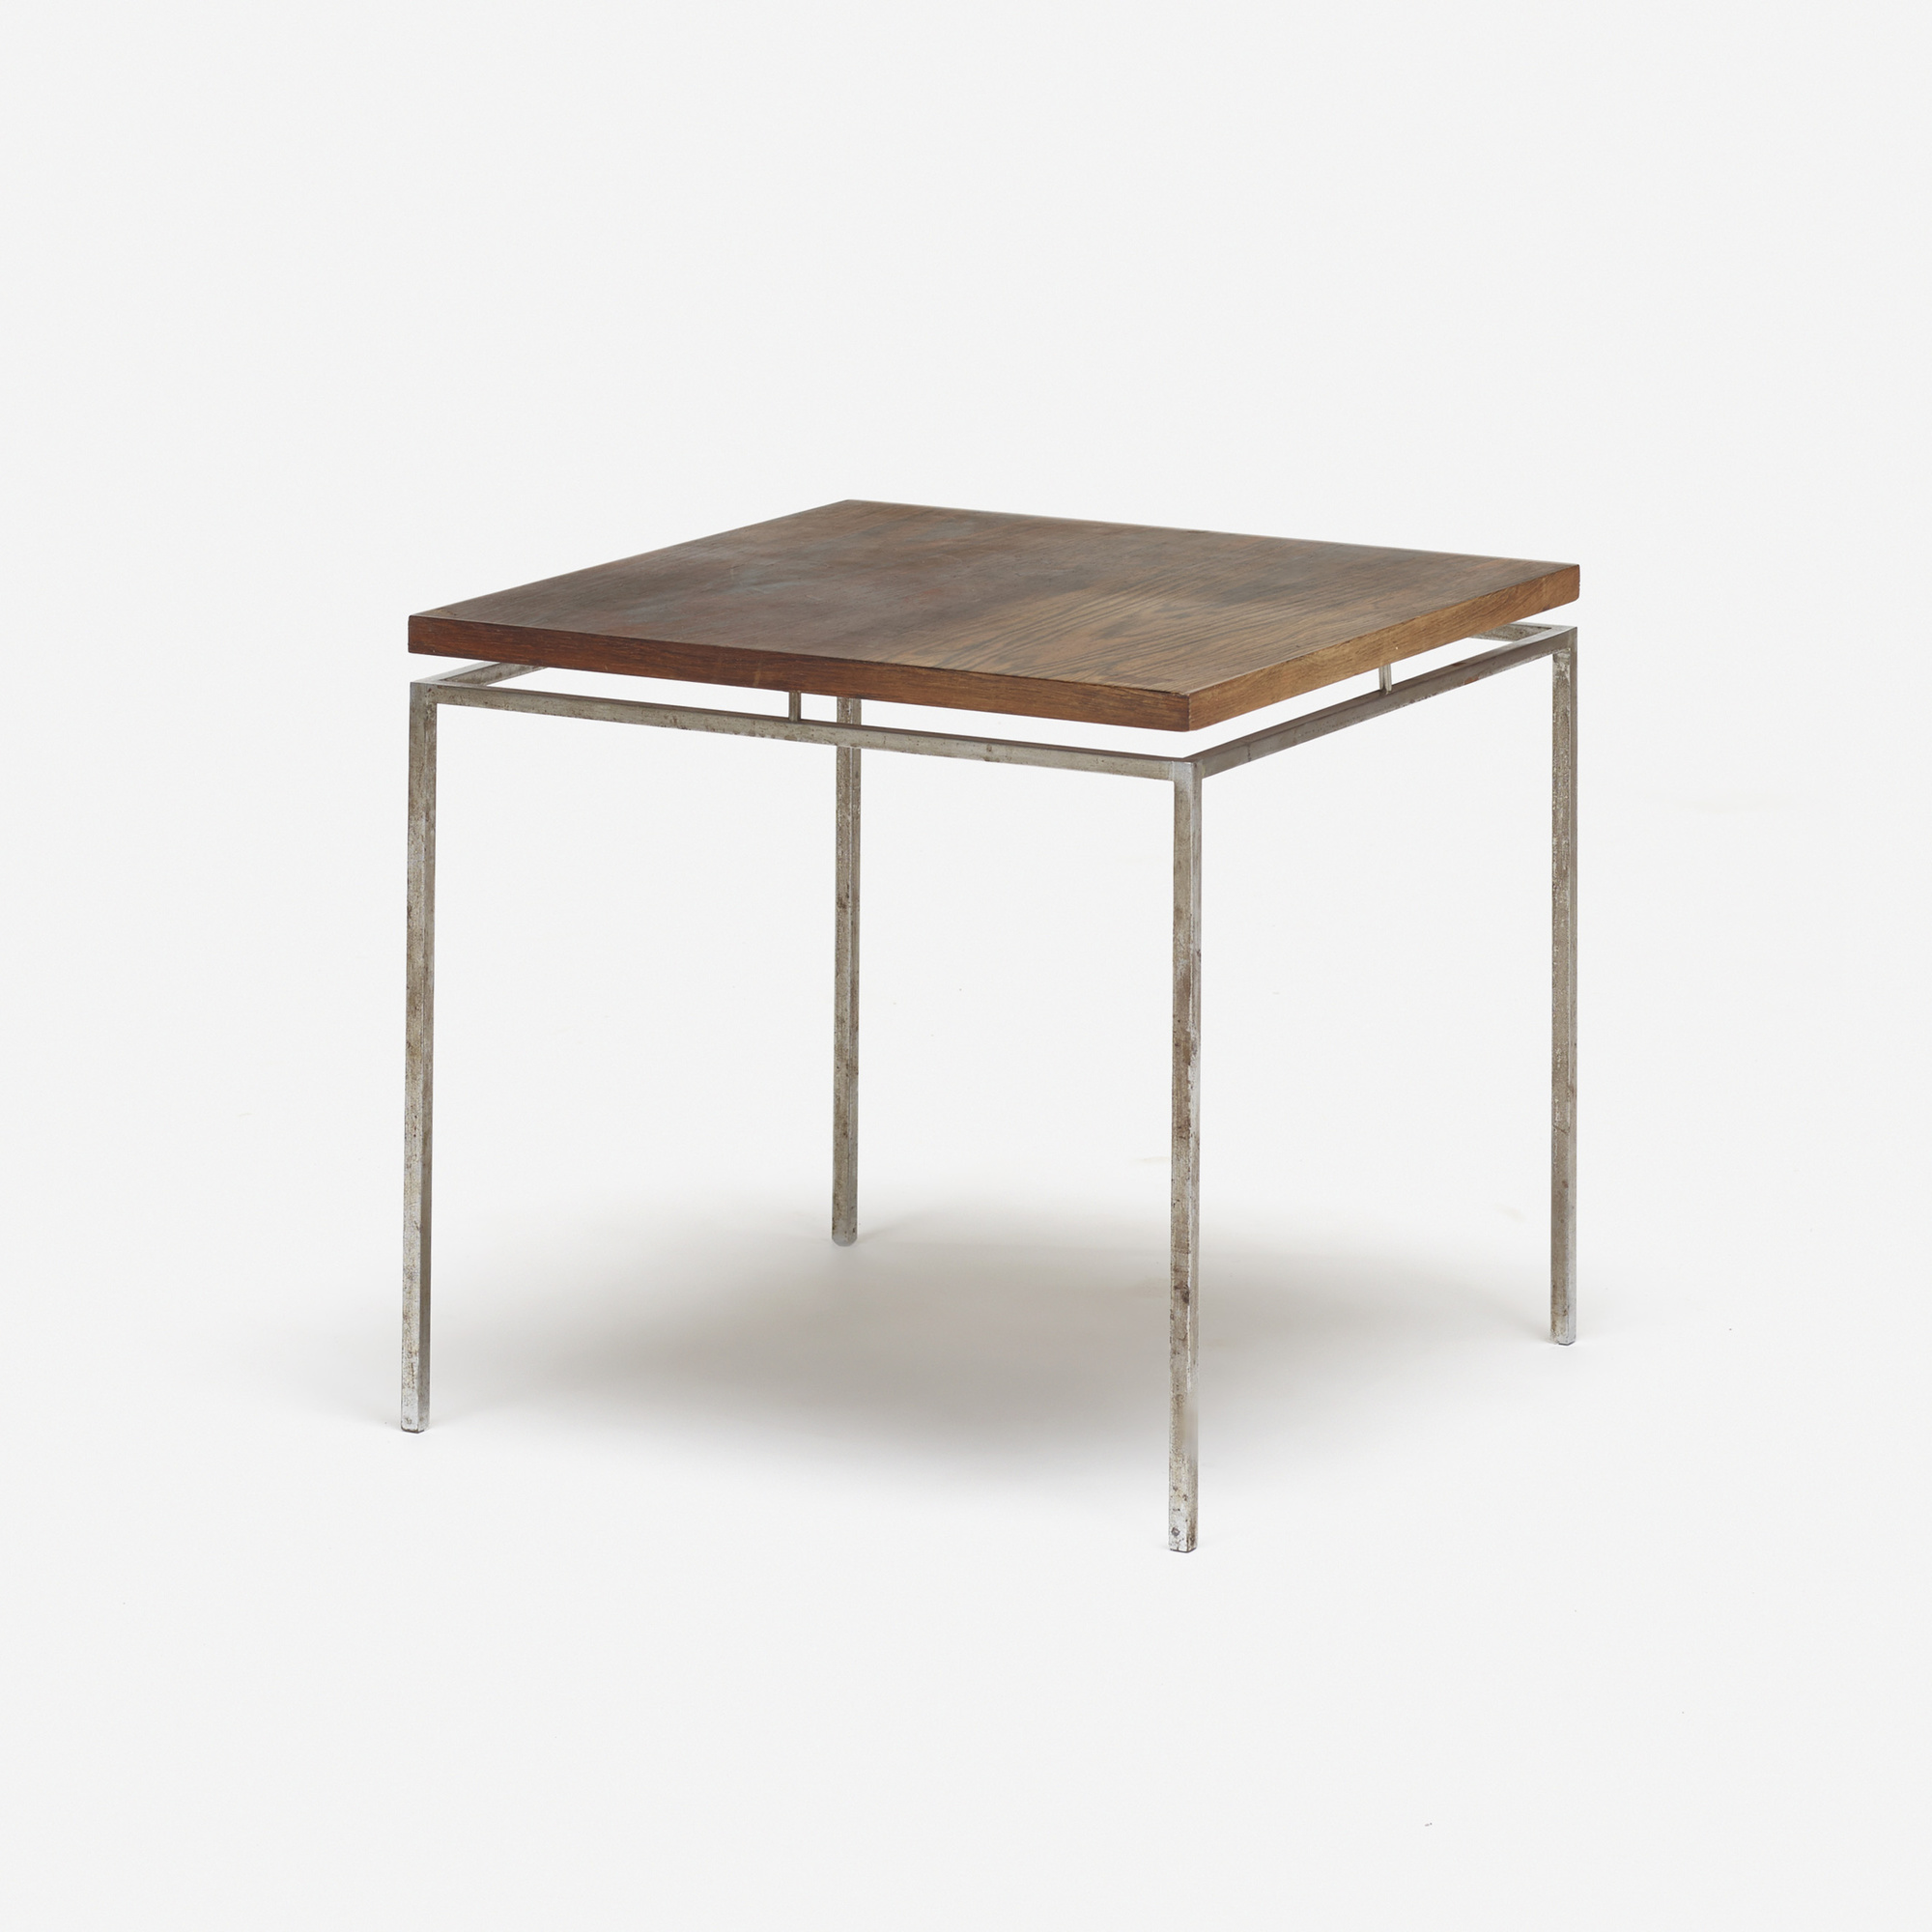 227: Knud Joos / coffee table (1 of 2)